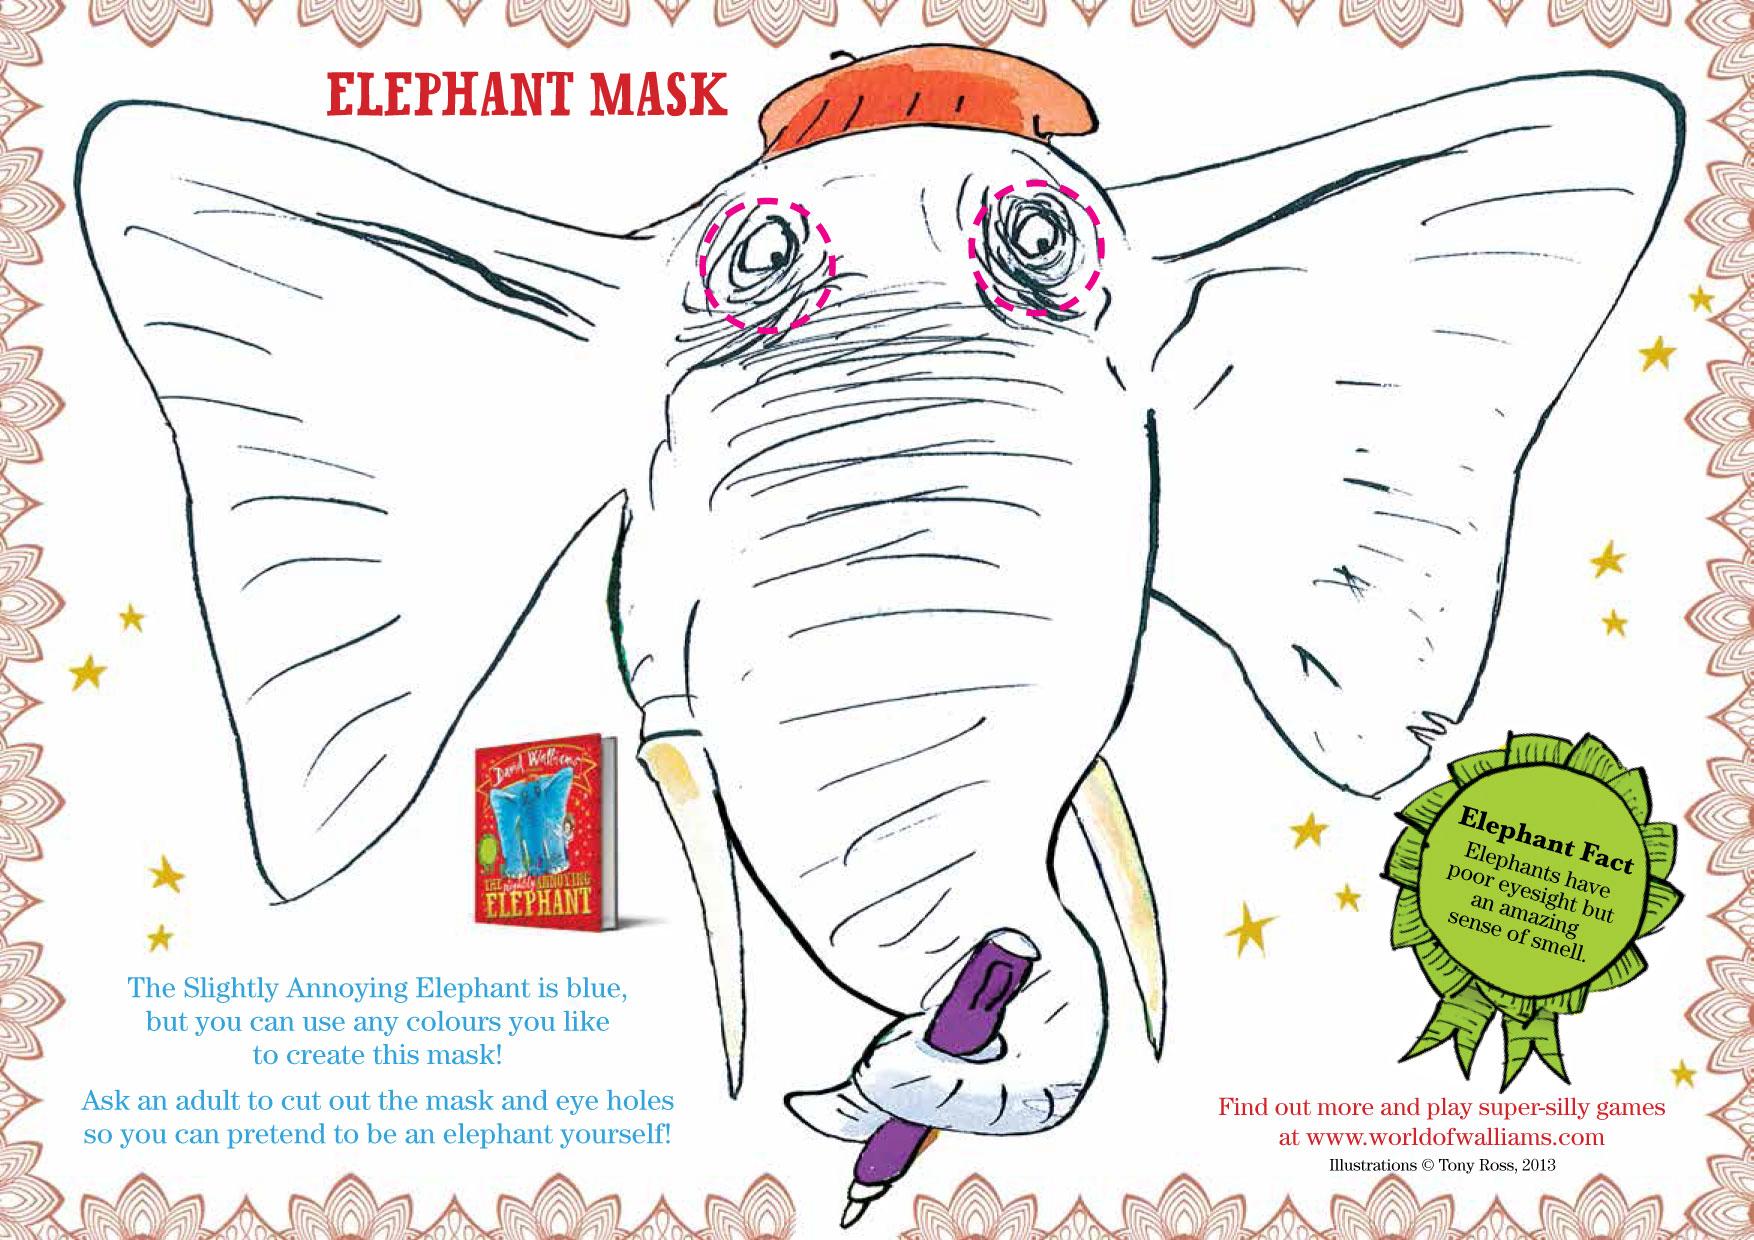 Elephantmask act col 1172754